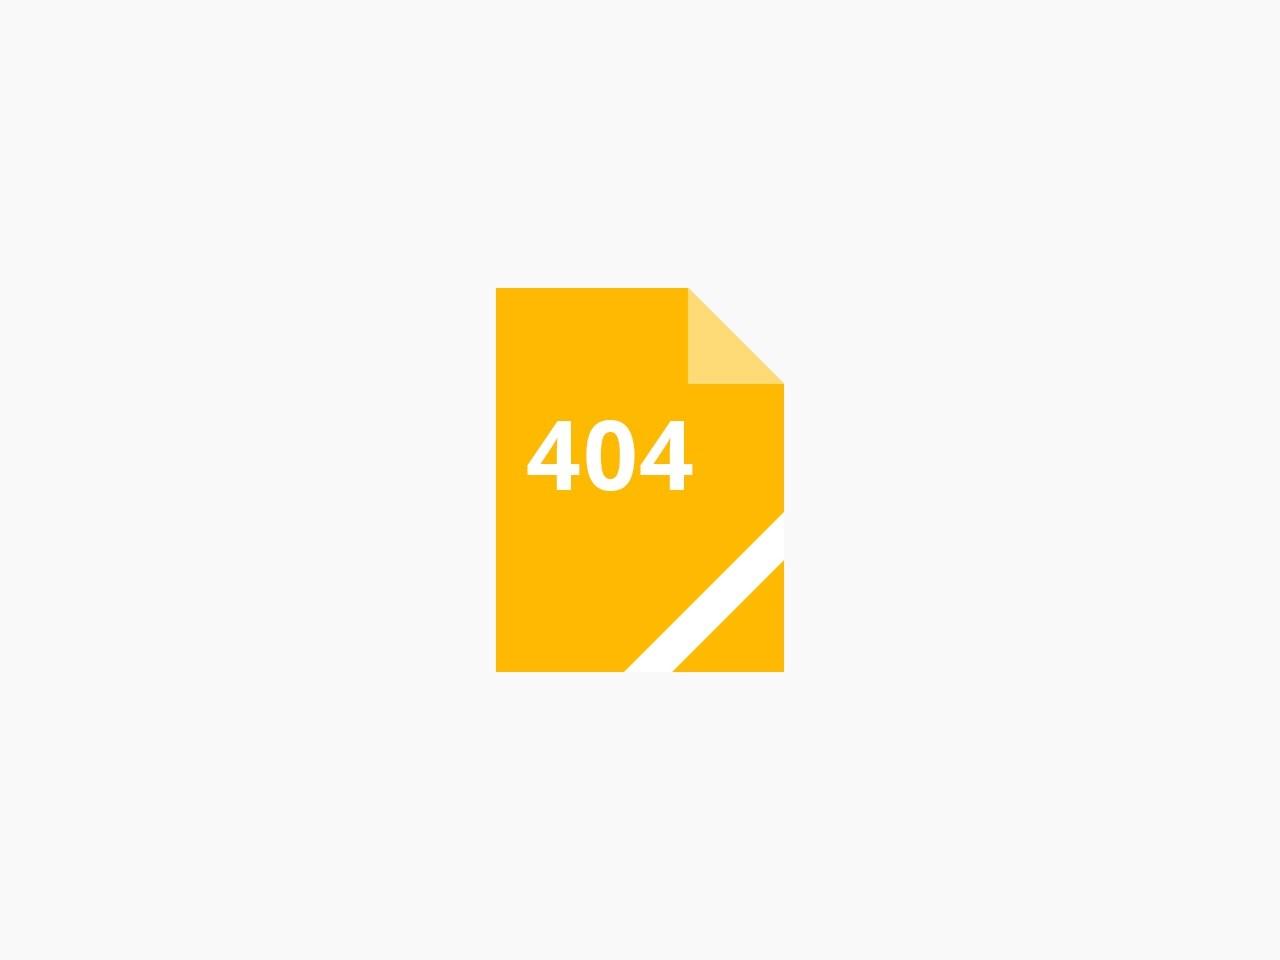 689影院网-站长导航网